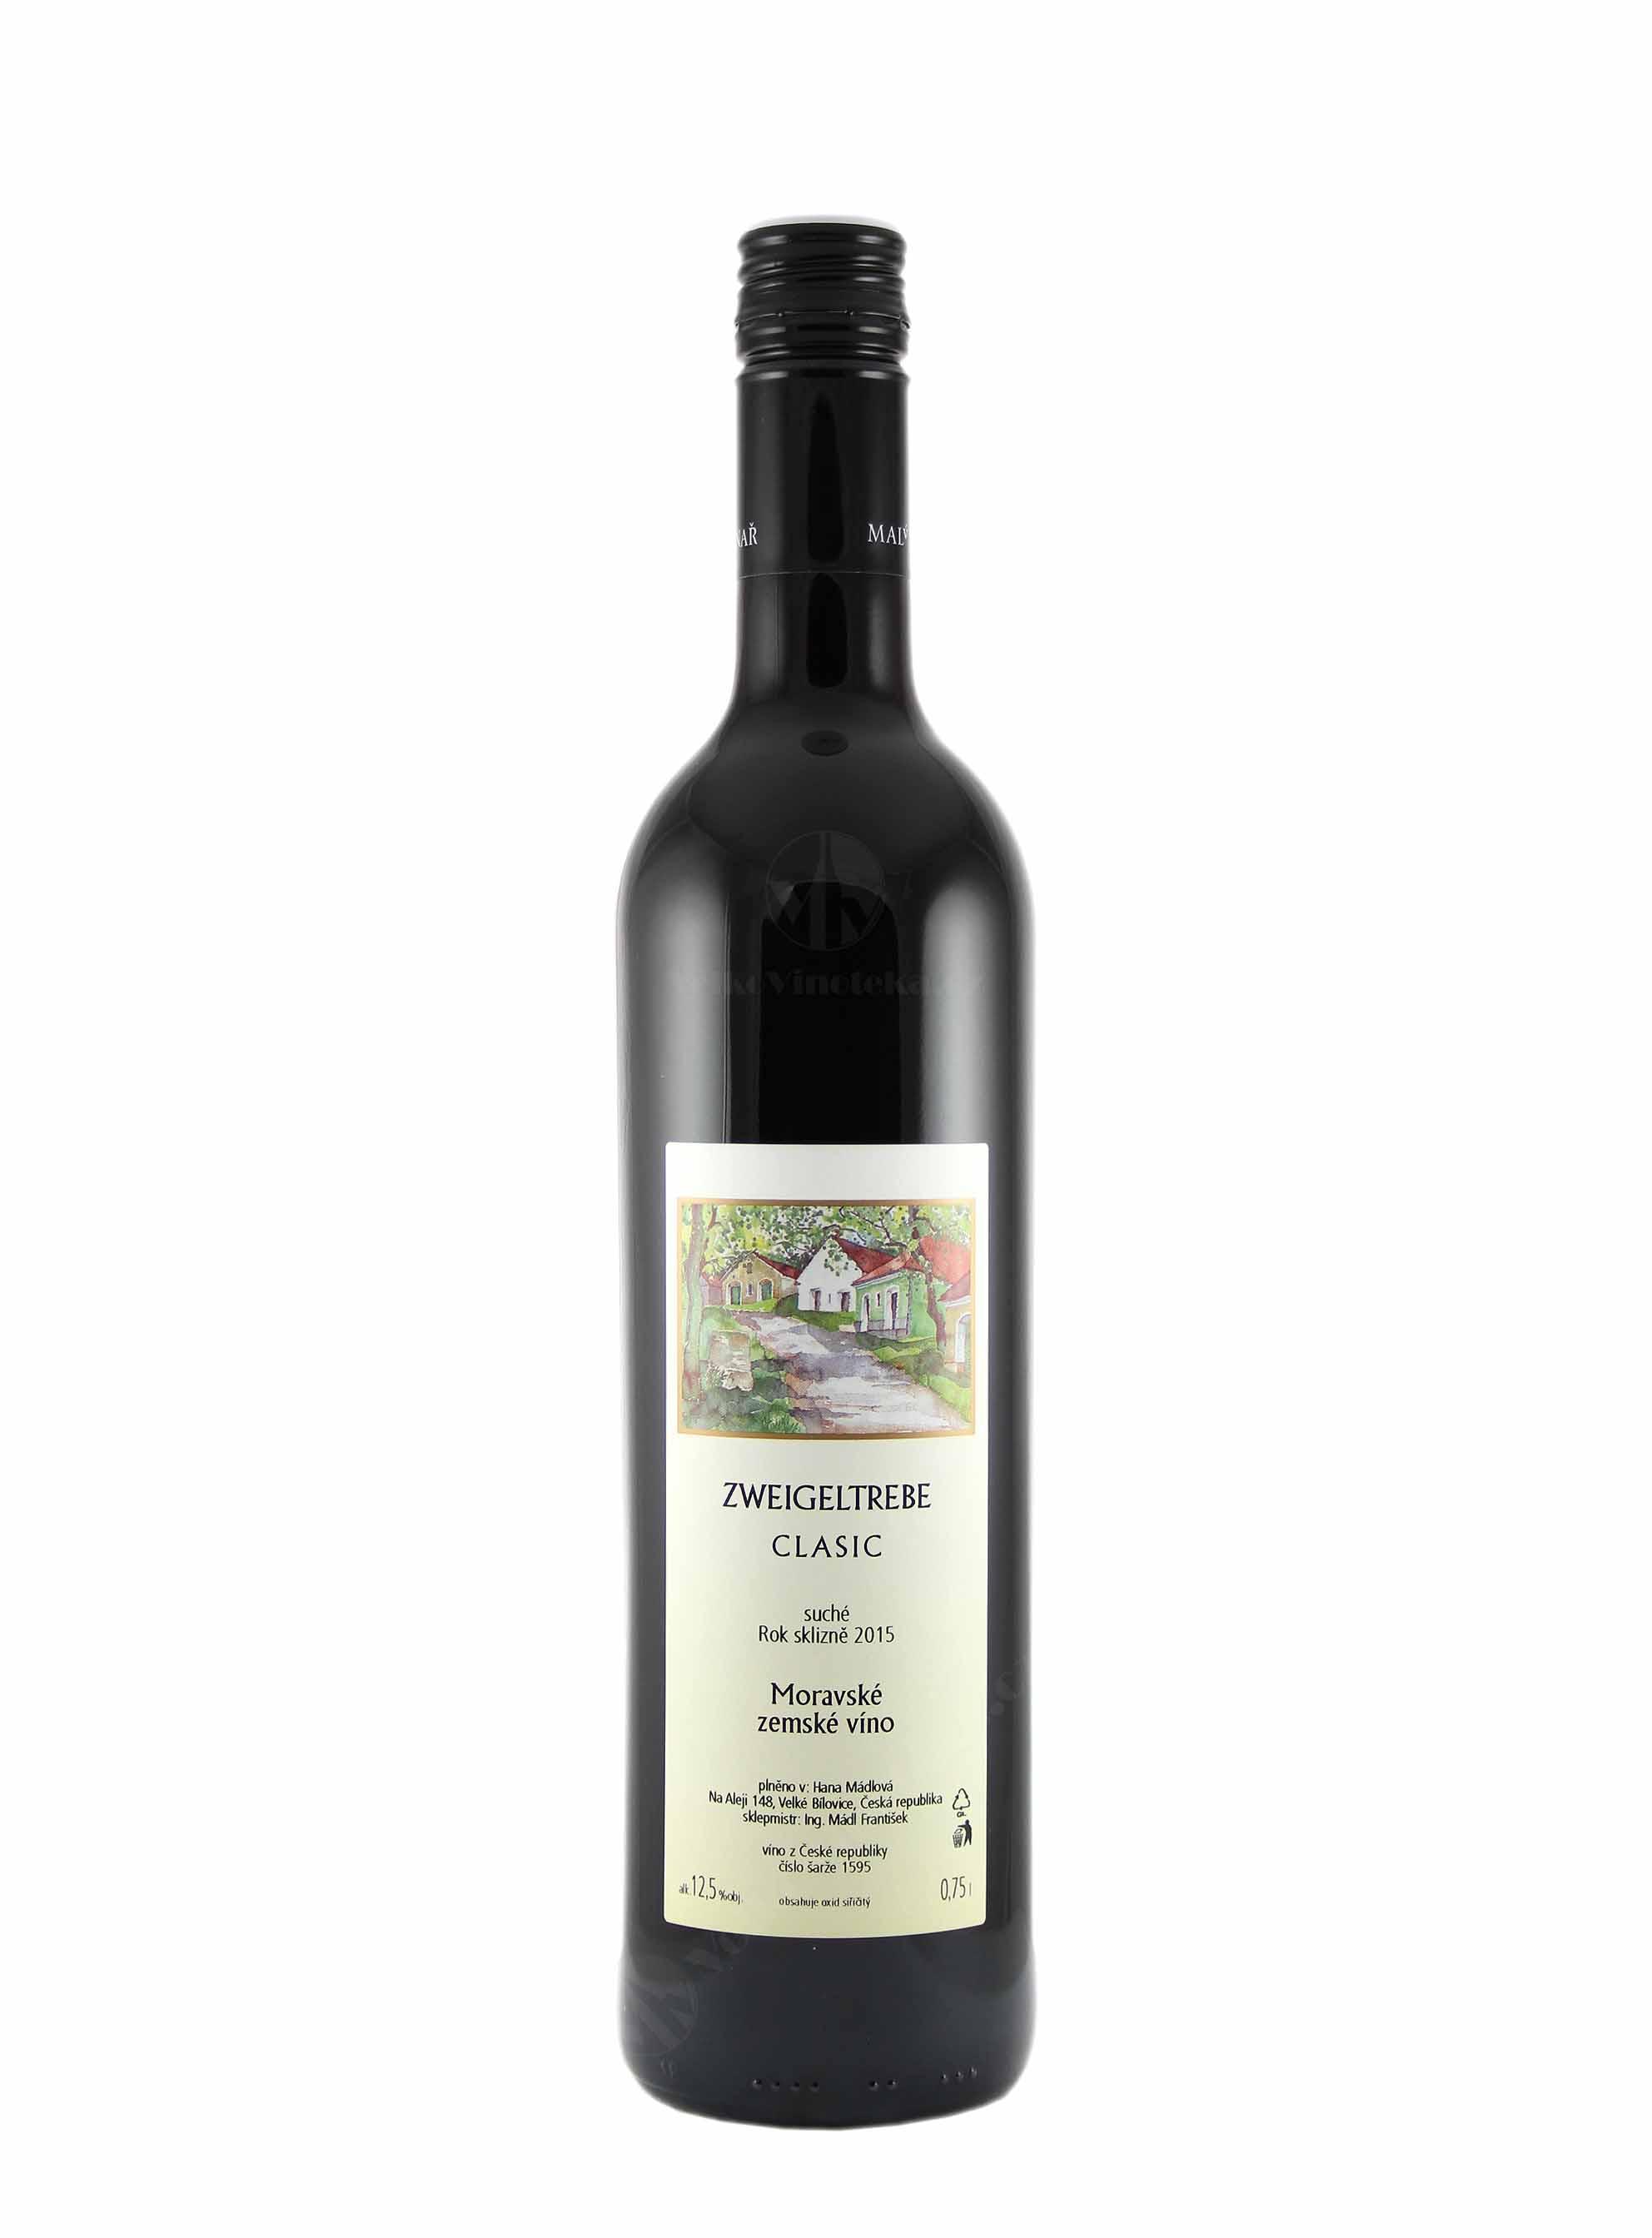 Zweigeltrebe, CLASIC, Zemské, 2016, František Mádl - Malý vinař, 0.75 l